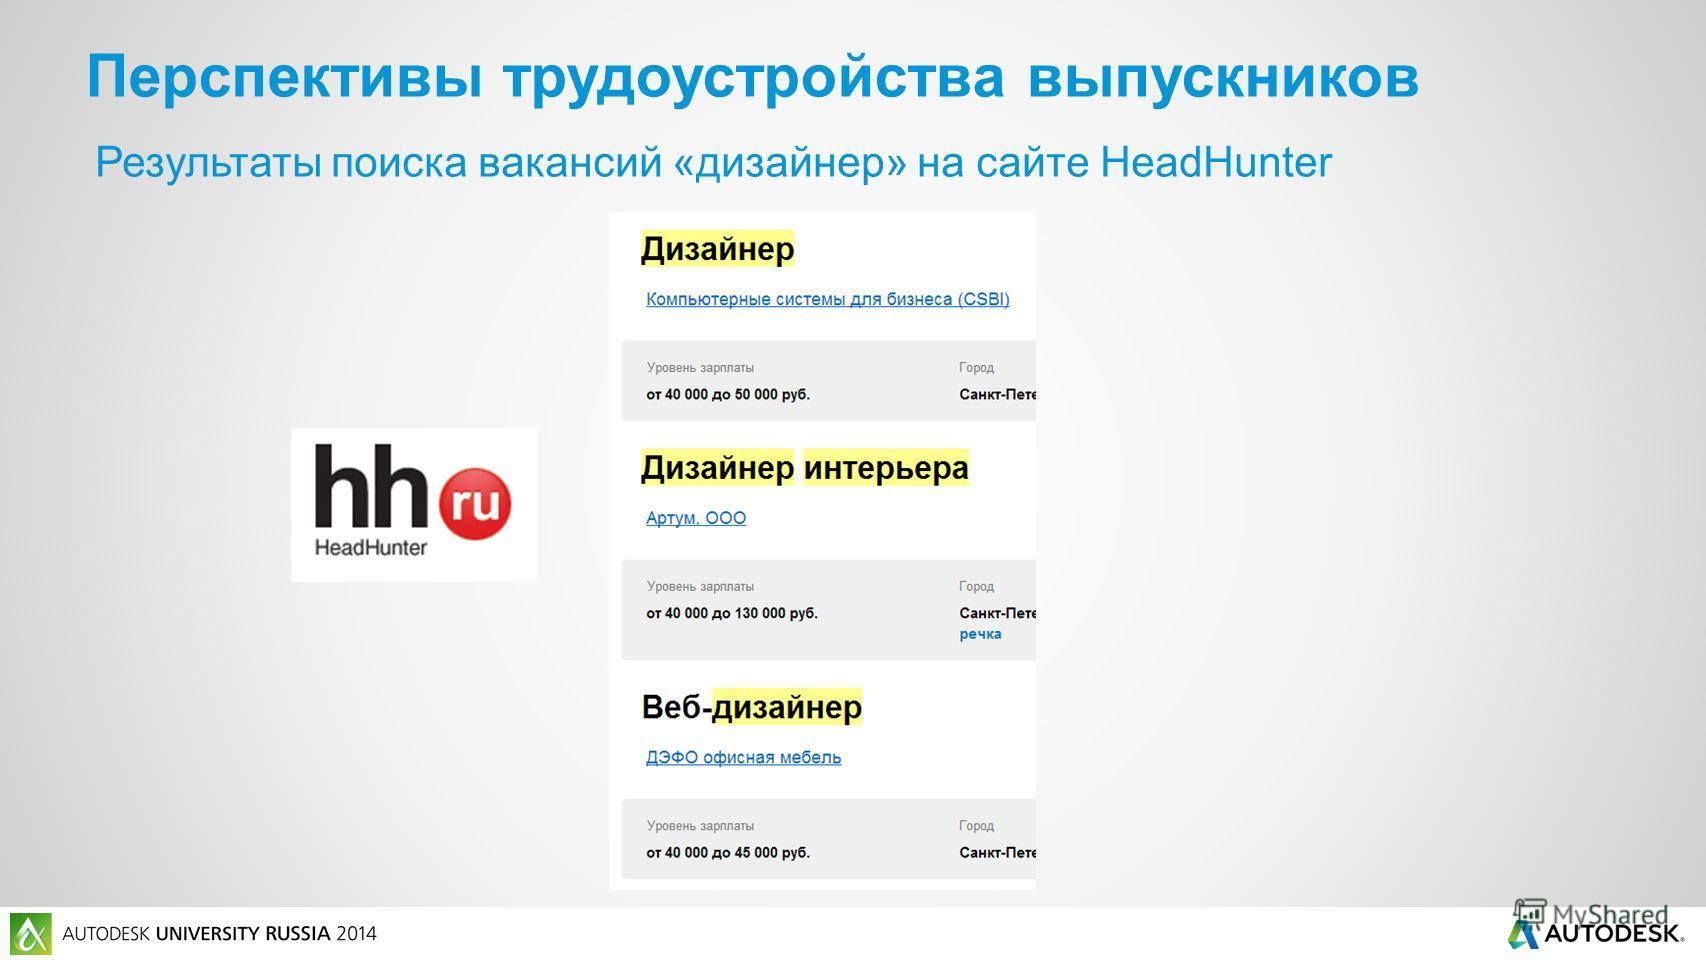 Перспективы трудоустройства выпускников Результаты поиска вакансий «дизайнер» на сайте HeadHunter